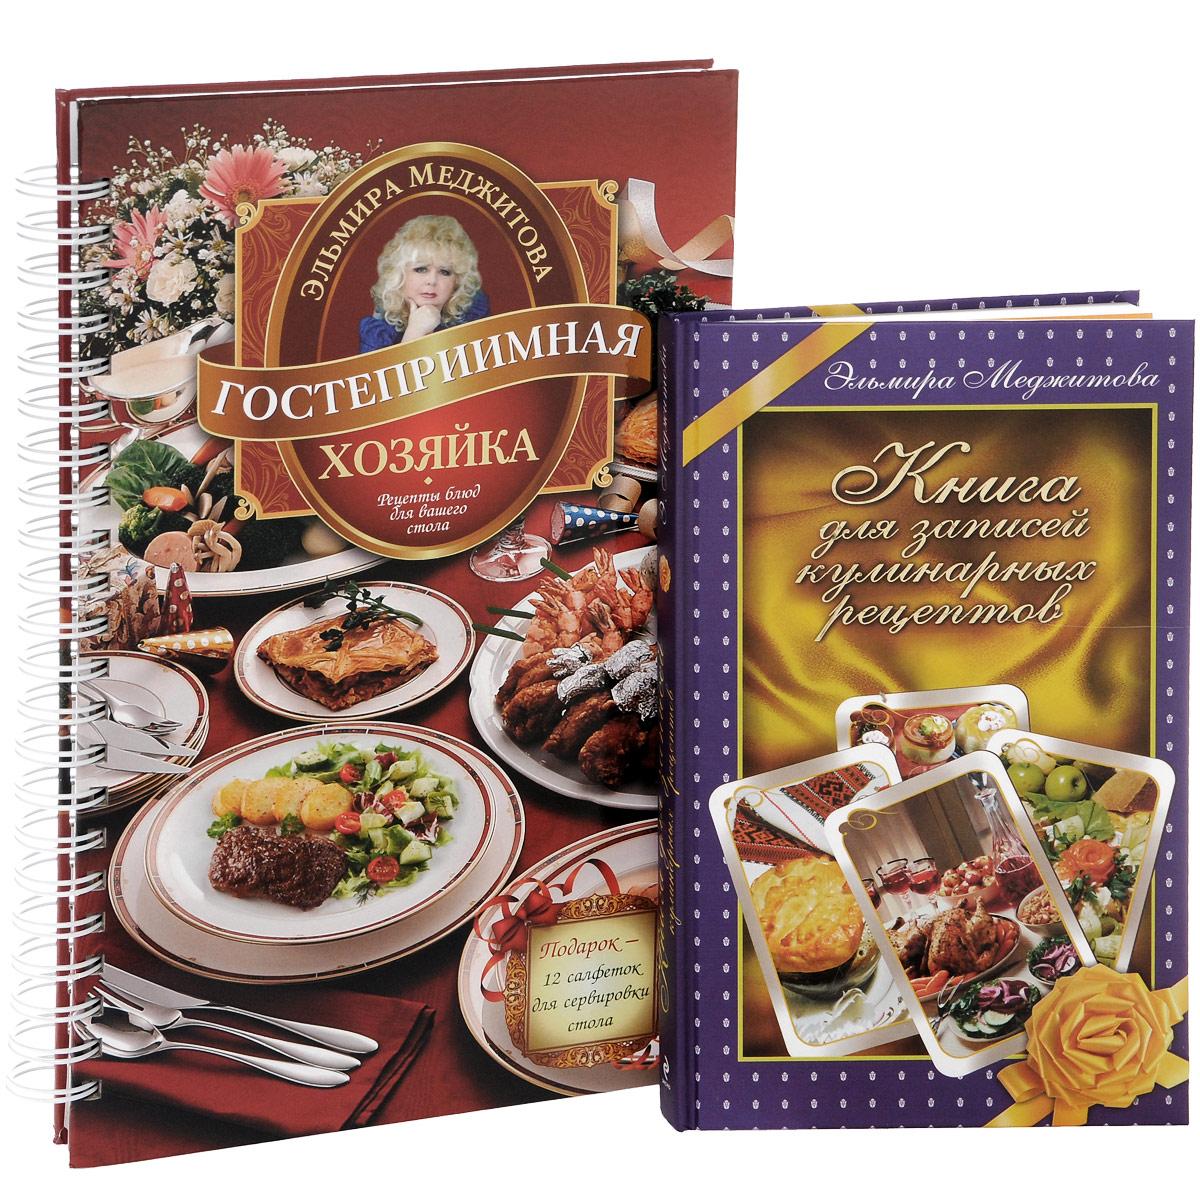 Эльмира Меджитова Гостеприимная хозяйка. Рецепты блюд для вашего стола. Книга для записей кулинарных рецептов (комплект из 2 книг) записные книжки фолиант книга для записей кулинарных рецептов